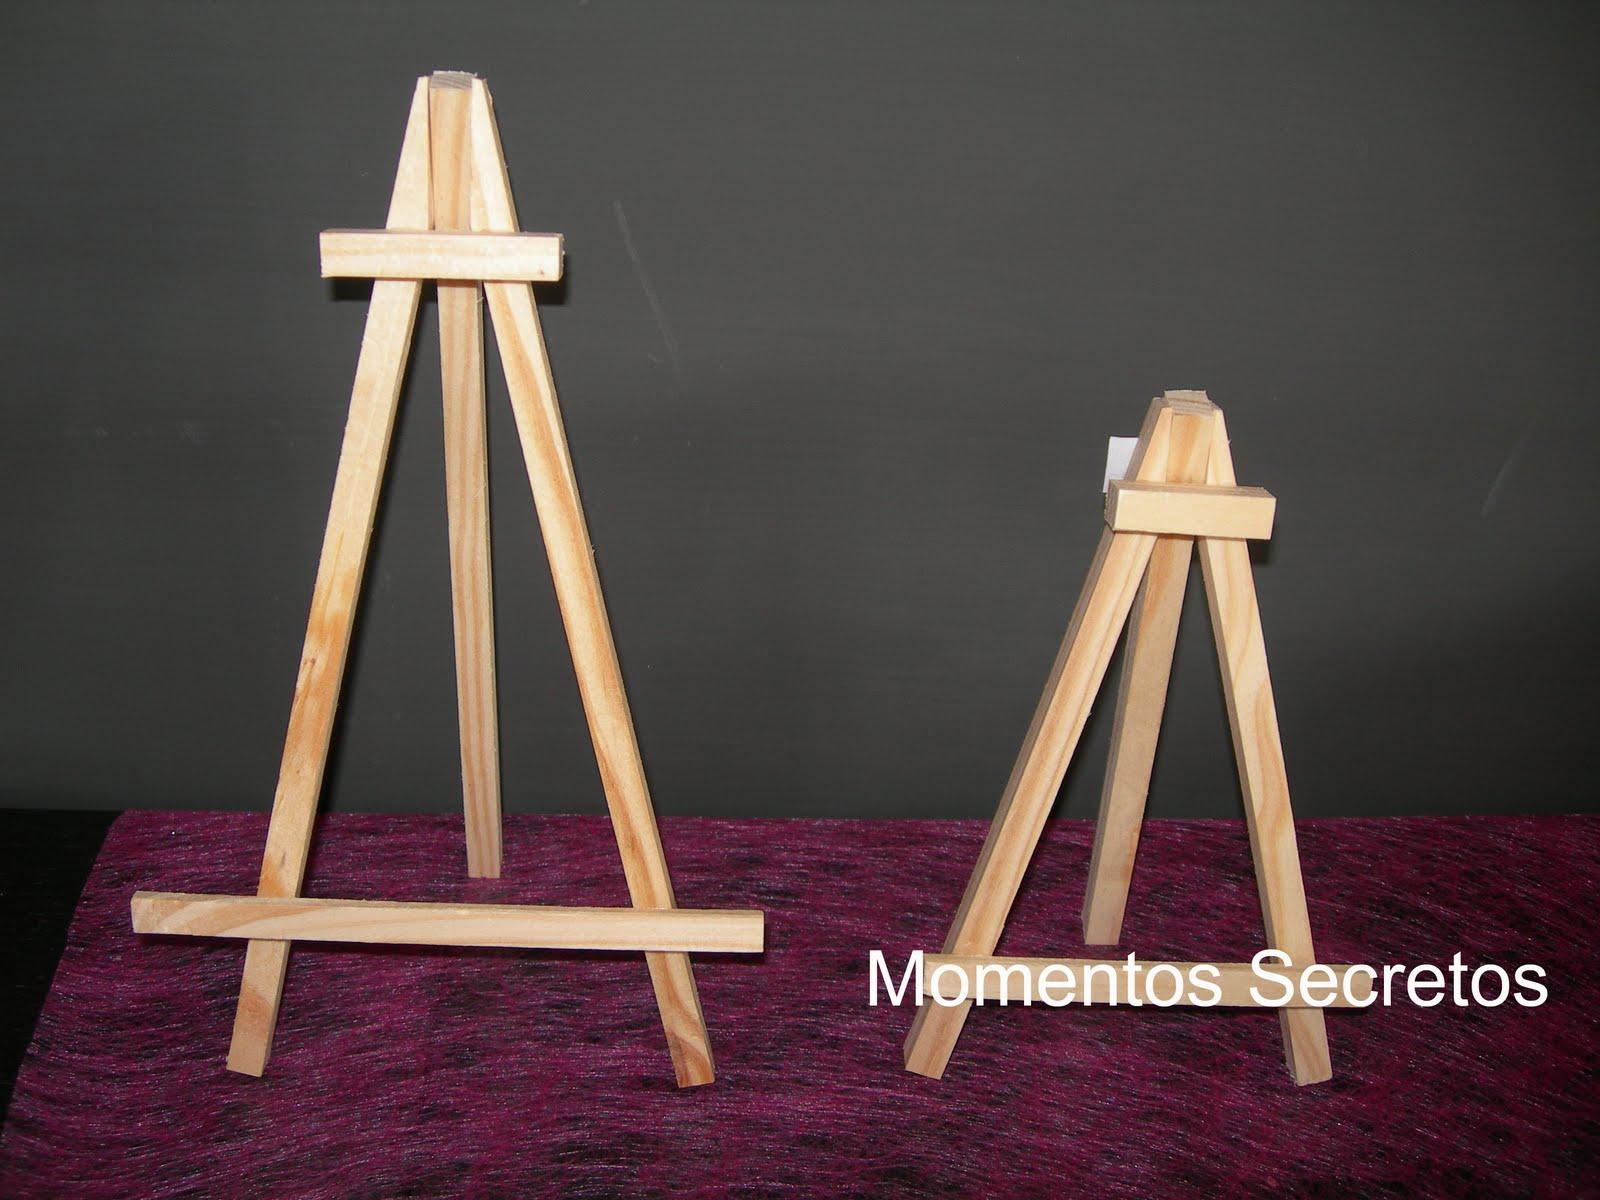 #9E702D 16 de novembro de 2009 1600x1200 px cavalete para mesa de madeira @ bernauer.info Móveis Antigos Novos E Usados Online